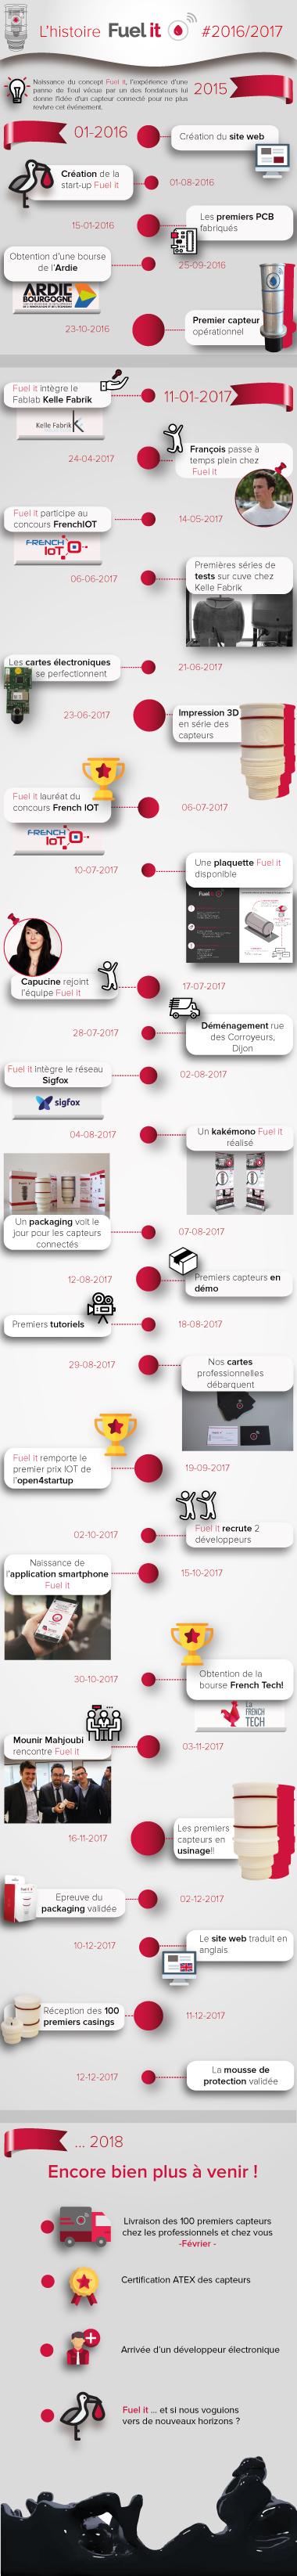 histoire-fuel-it-2016-2017-capteurs-connectés-cuve-à-fioul